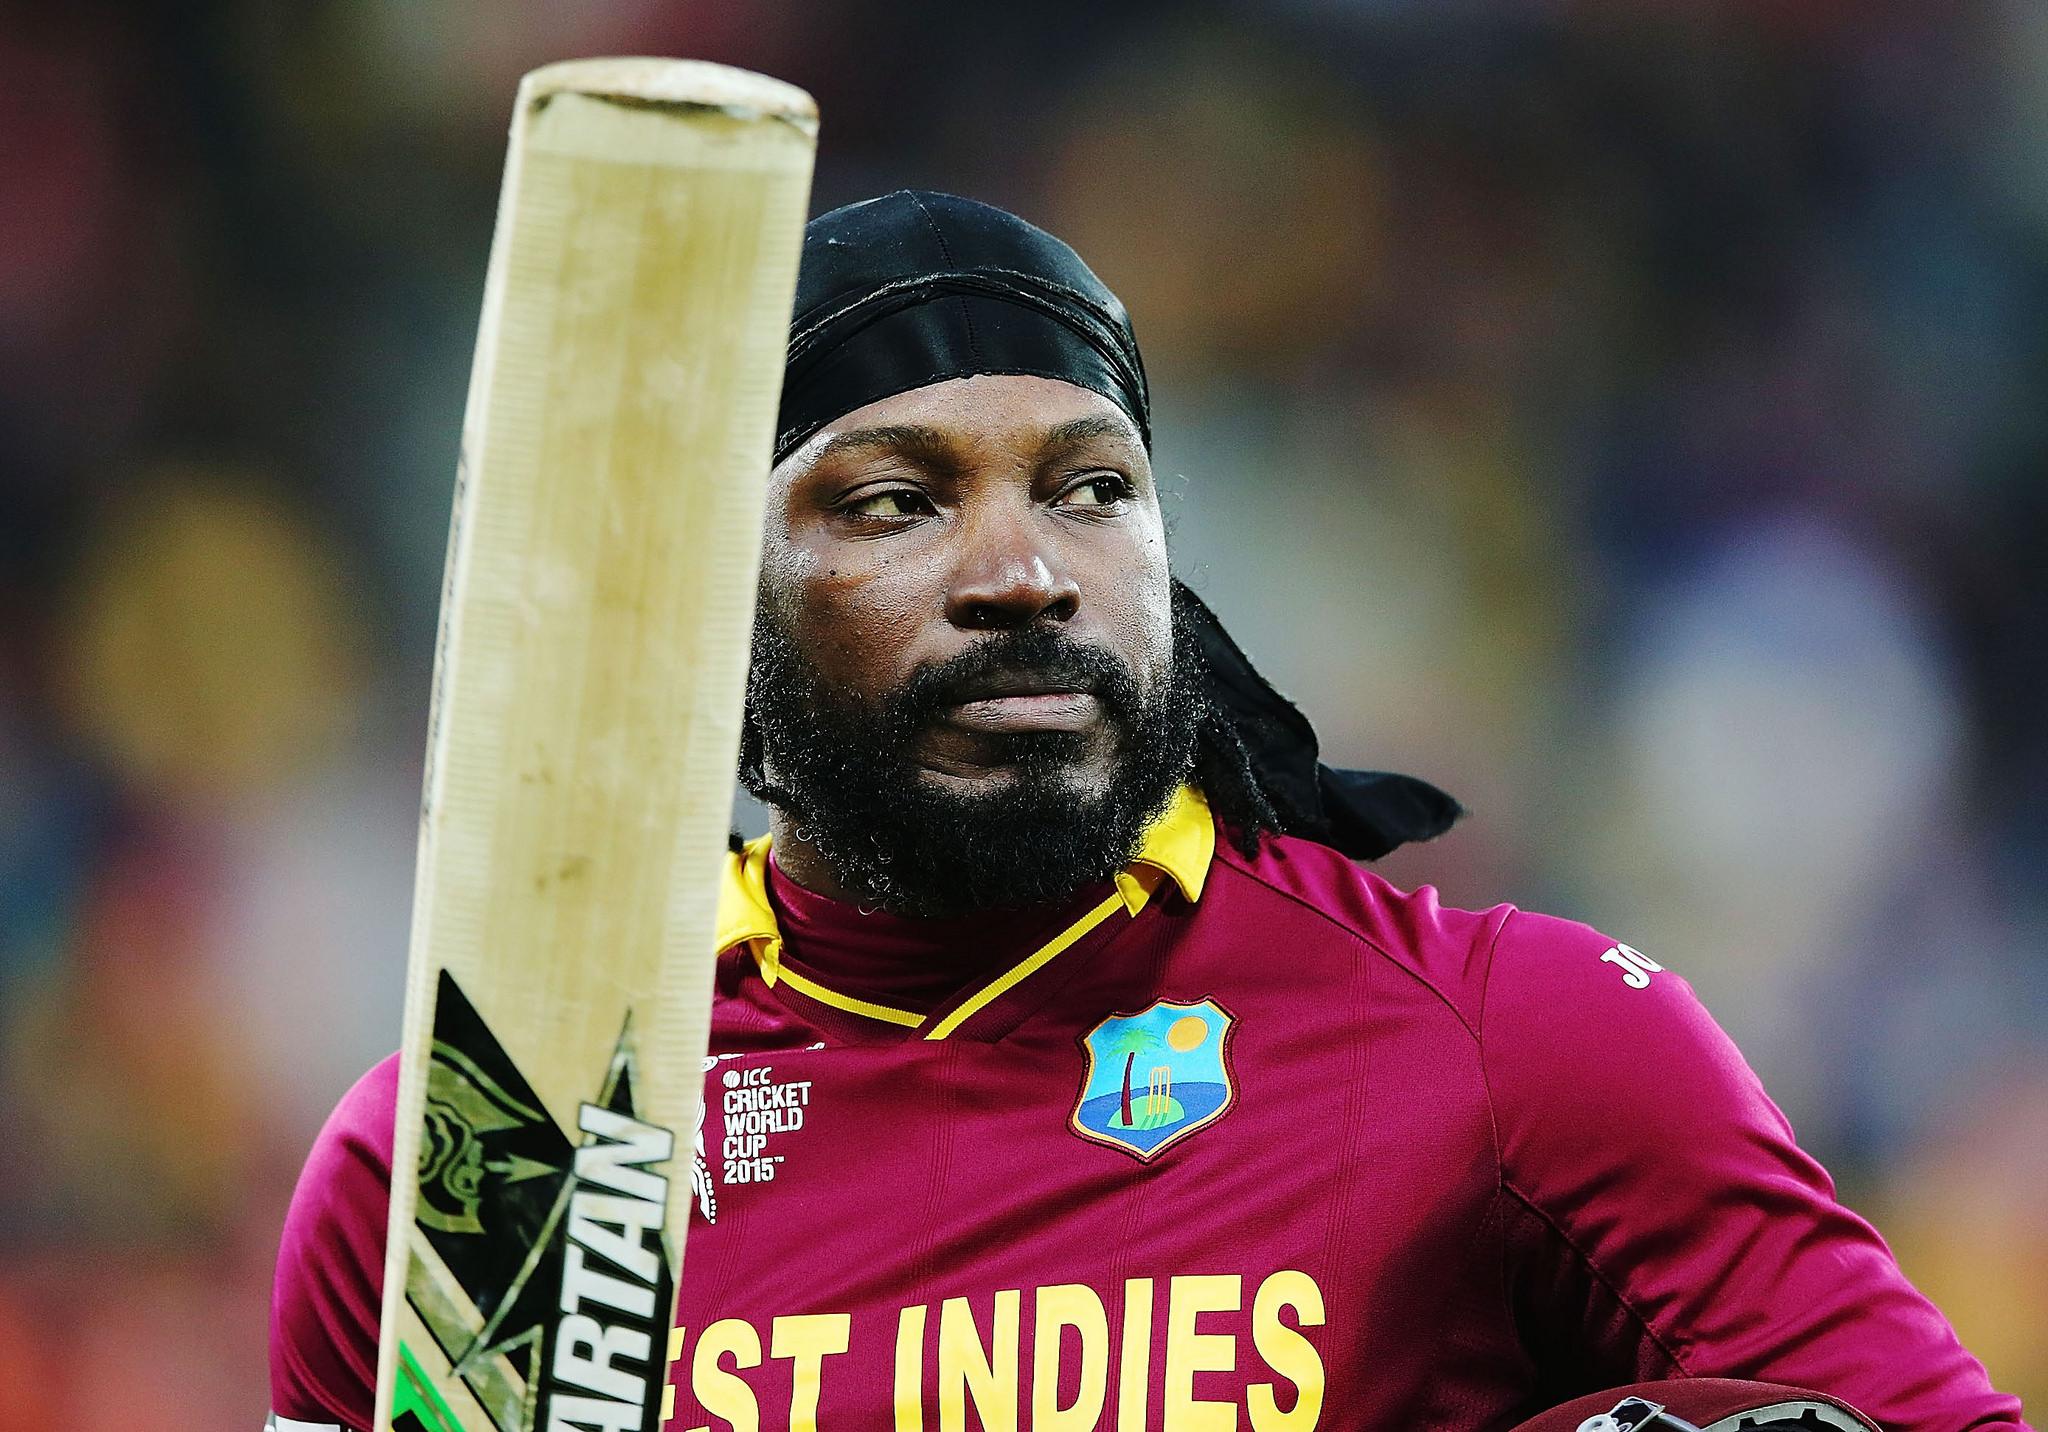 ये हैं विश्व के 10 सबसे आलसी क्रिकेटर, लिस्ट में 3 भारतीय शामिल 1